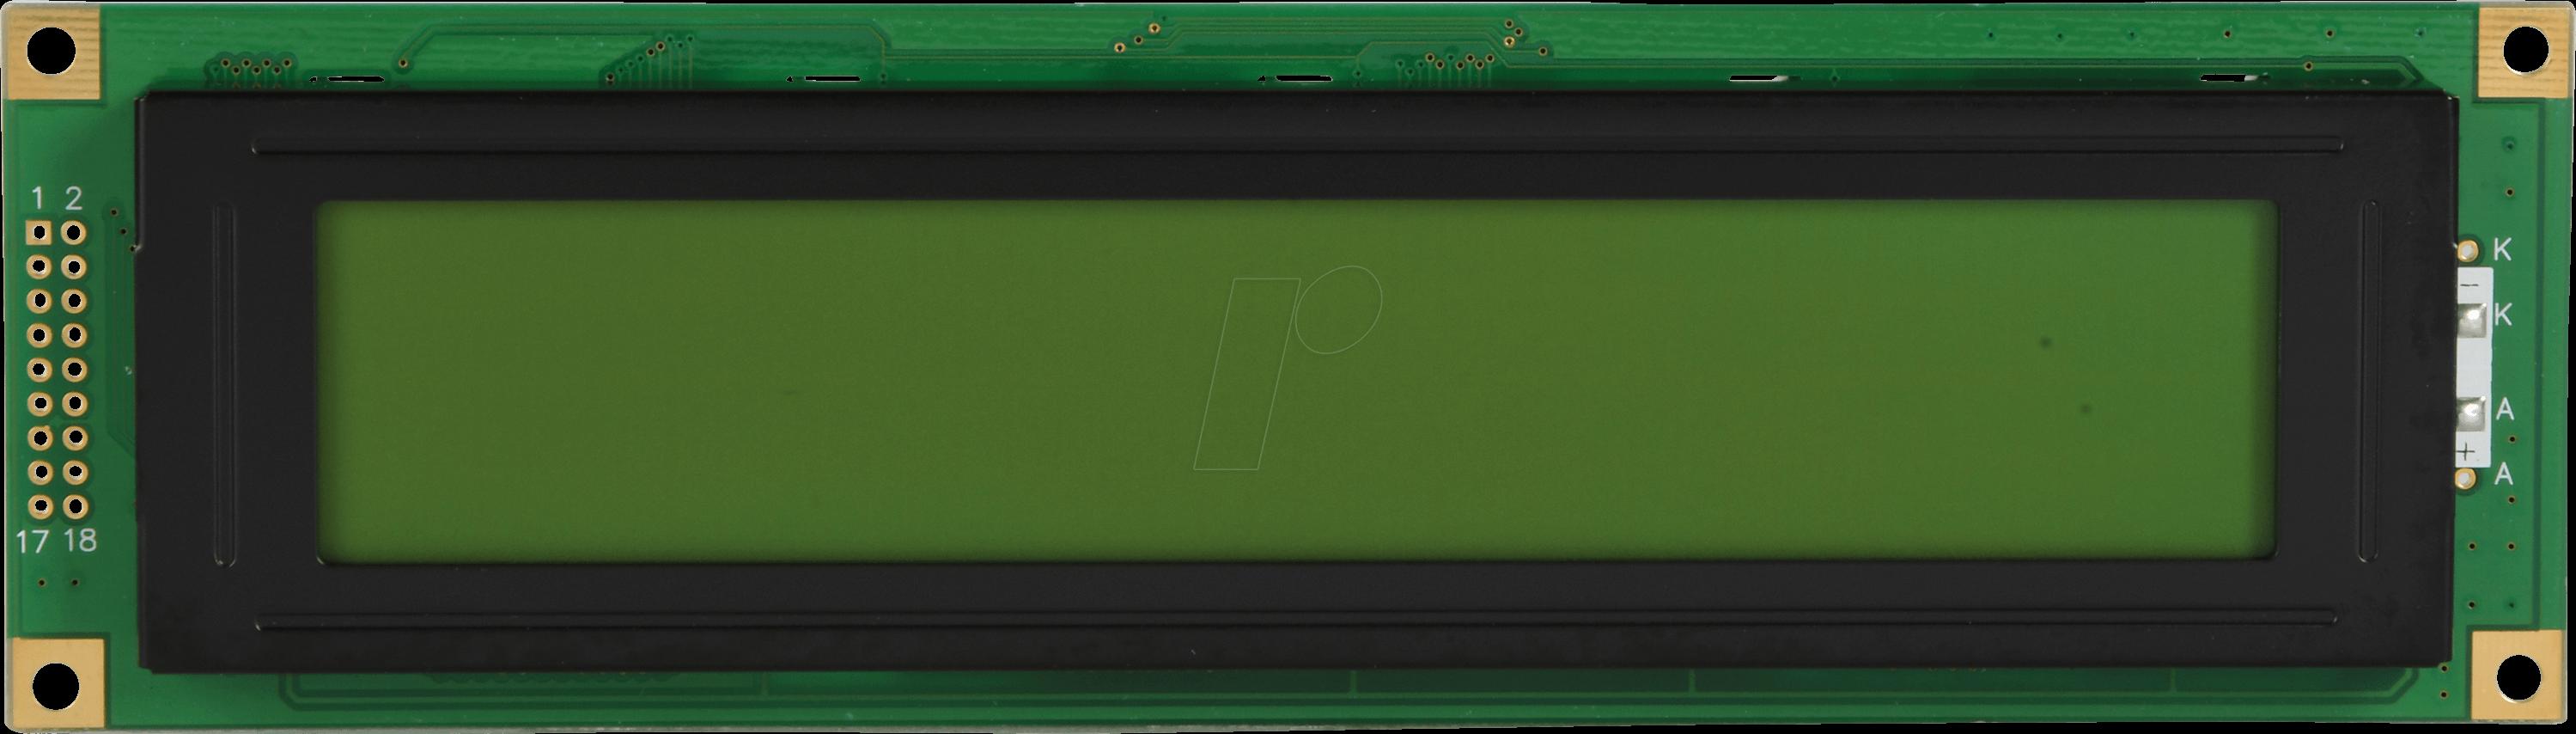 https://cdn-reichelt.de/bilder/web/xxl_ws/A500/LCD-PM_4X40-5_A.png